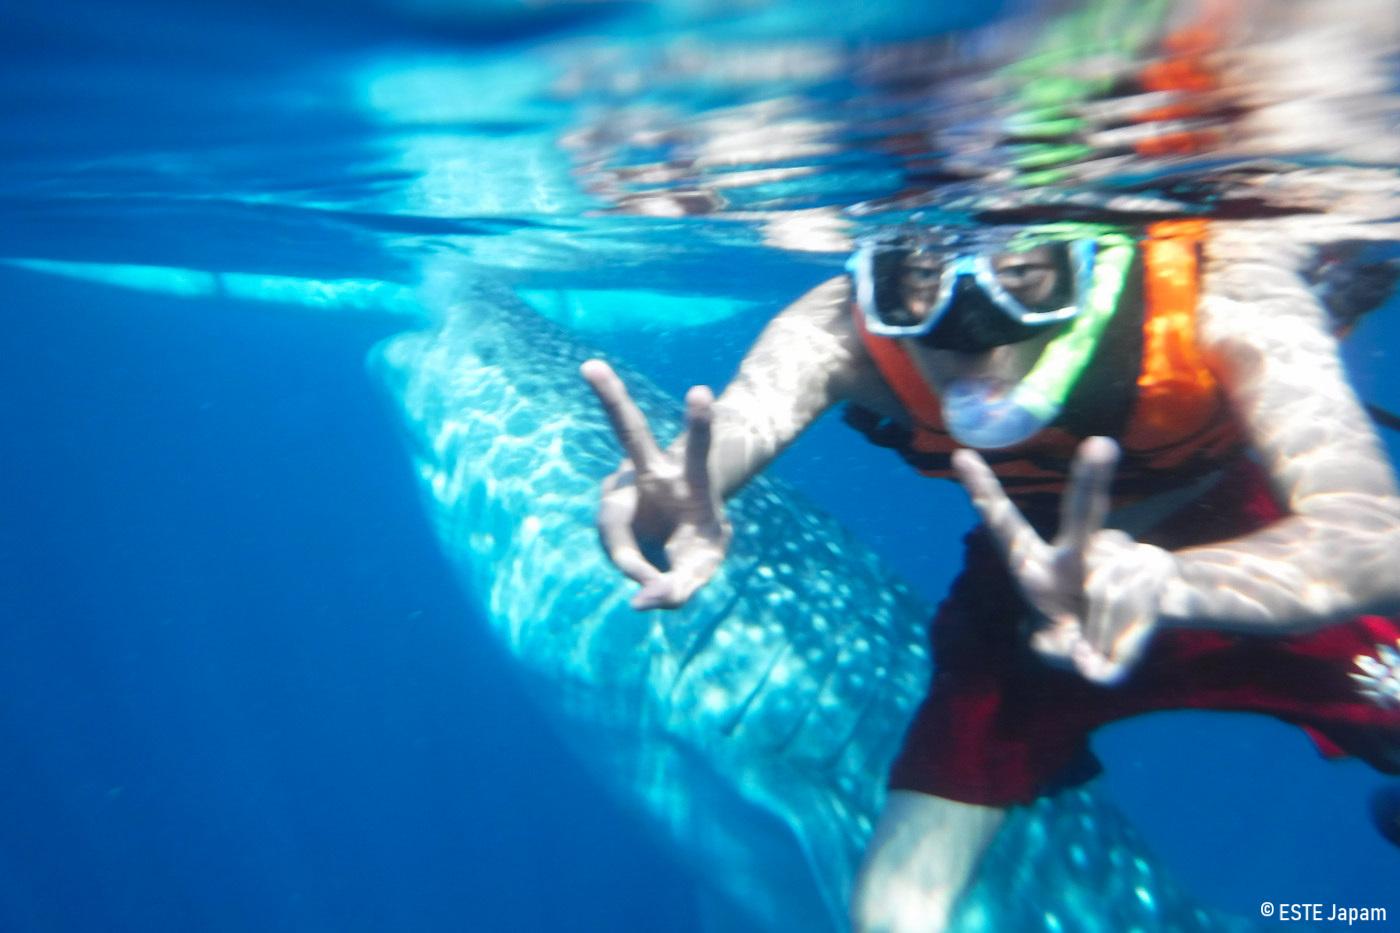 ボジンベエザメだけじゃないツアーでジンベエザメと泳いでる男性